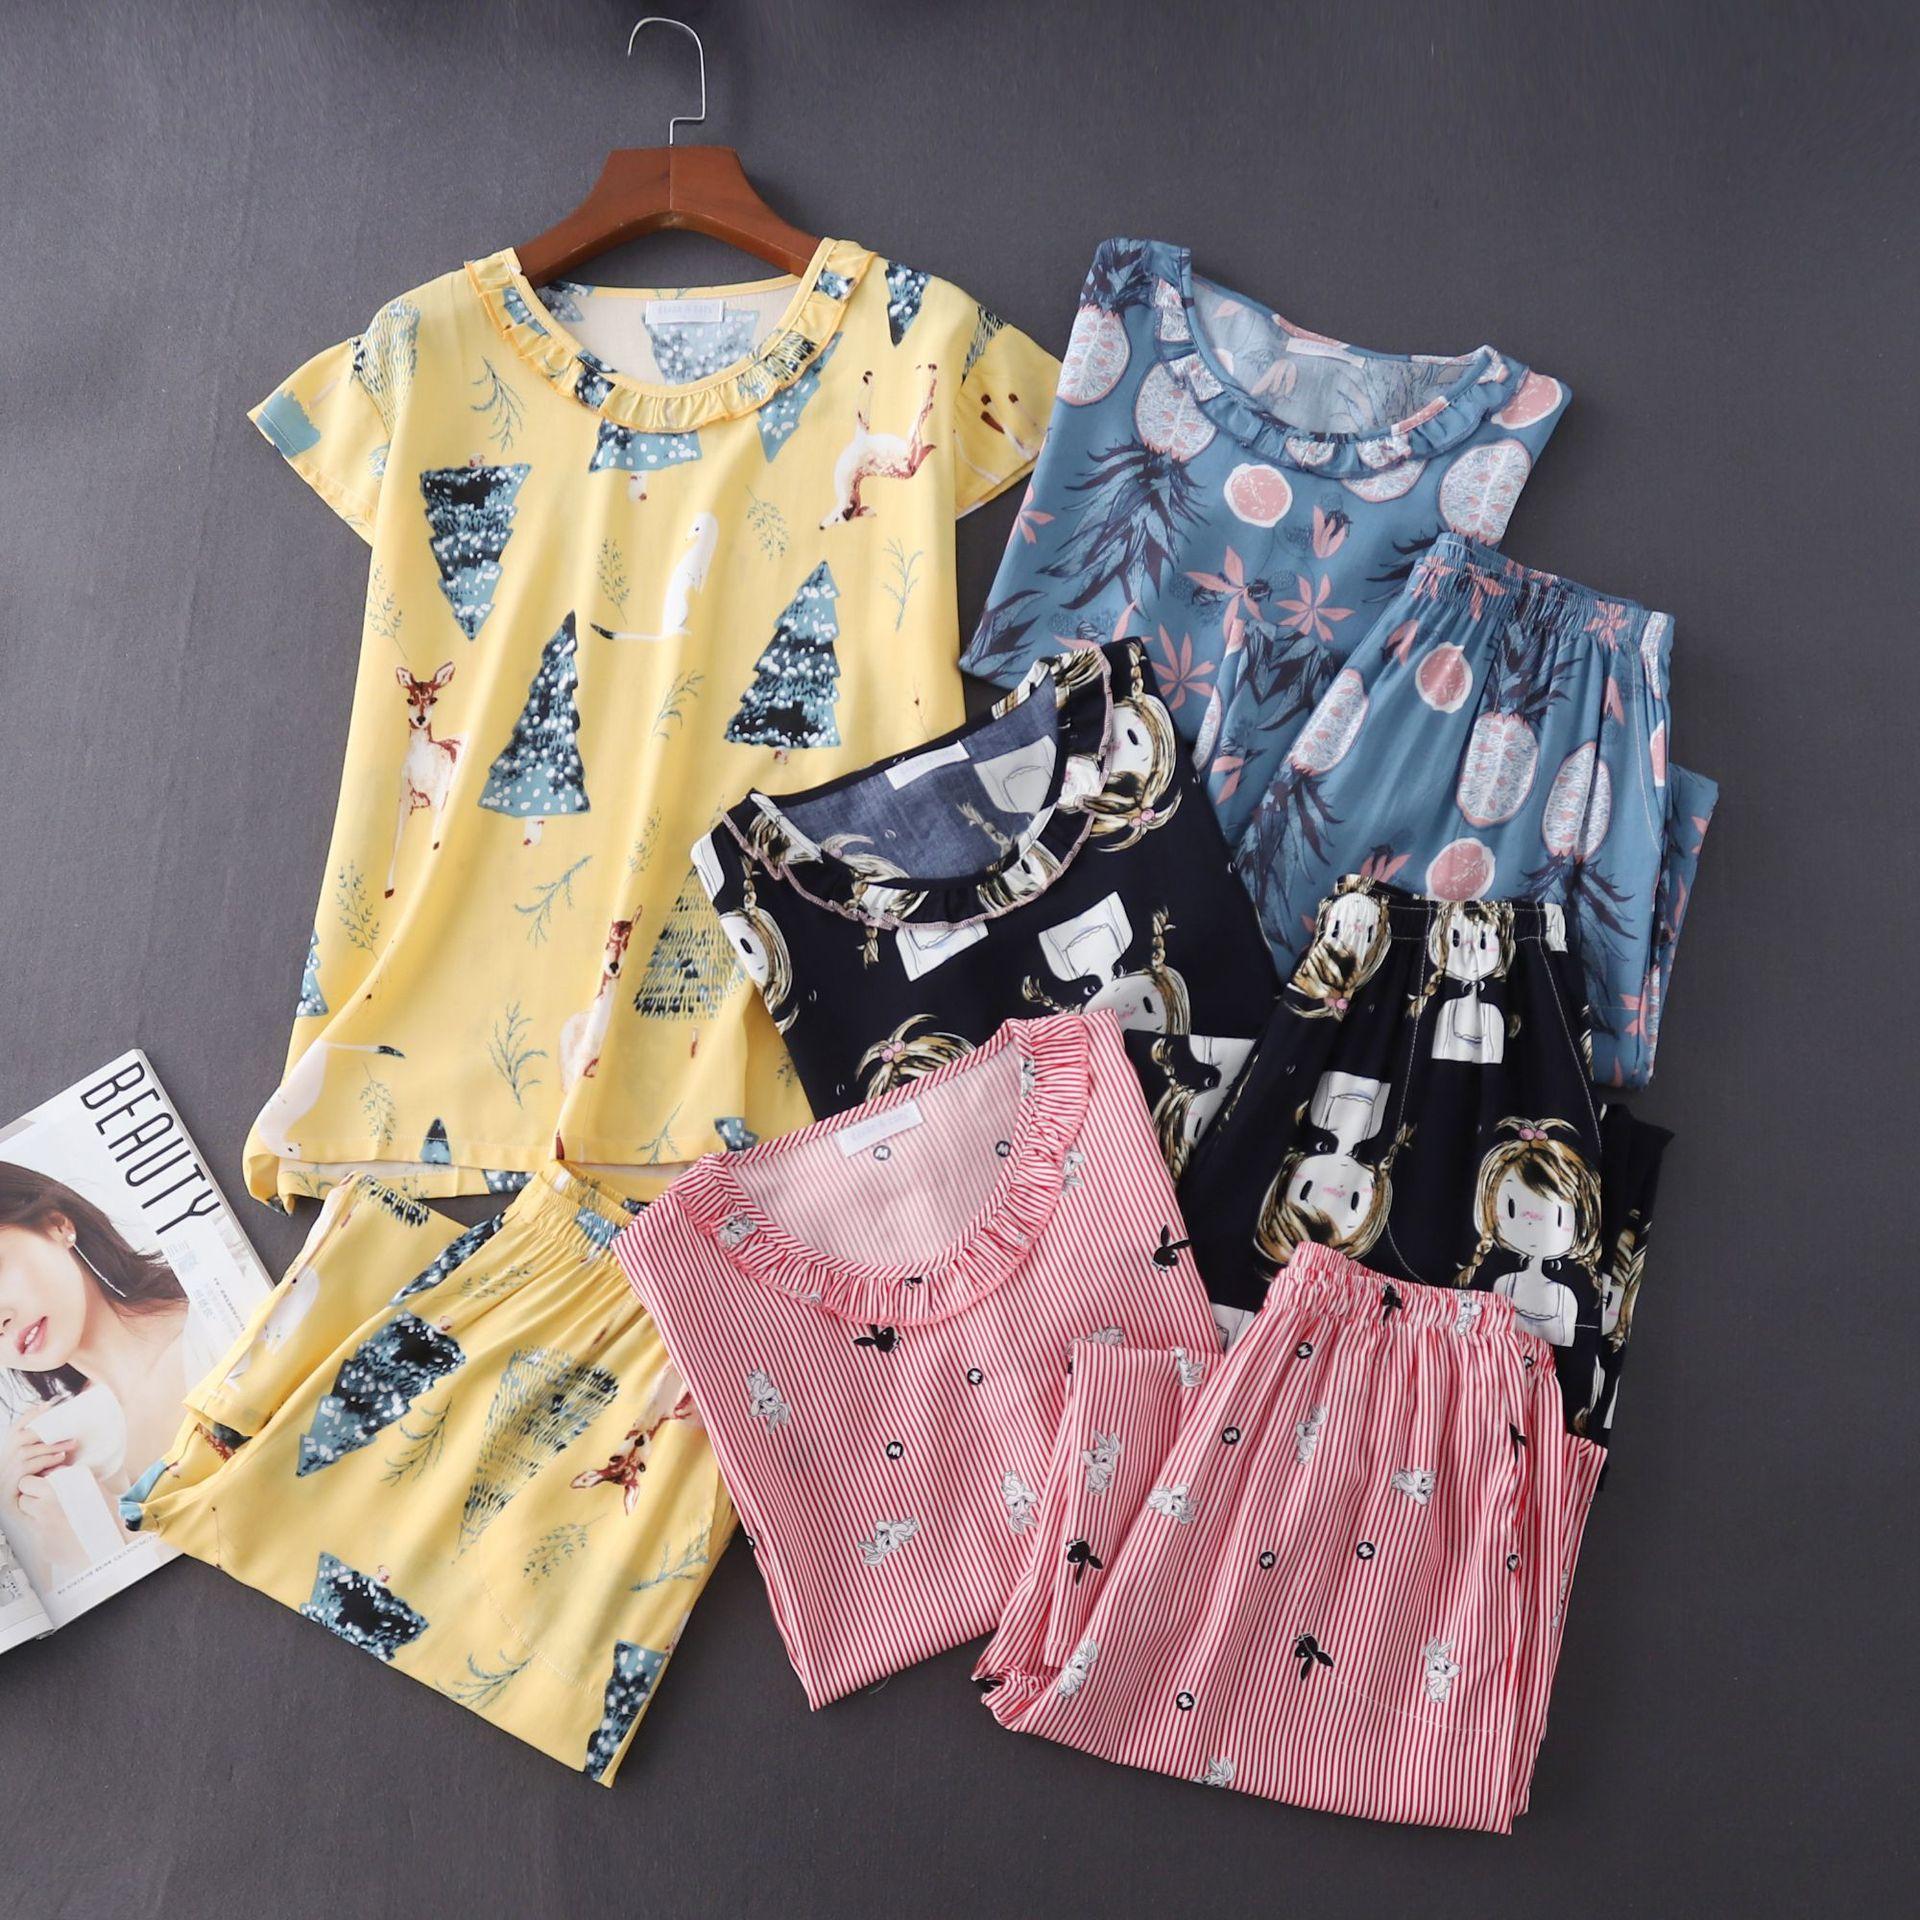 Новые пижамные комплекты с круглым вырезом и короткими рукавами, летние вискозные укороченные штаны, домашняя одежда, пижамы больших разме...